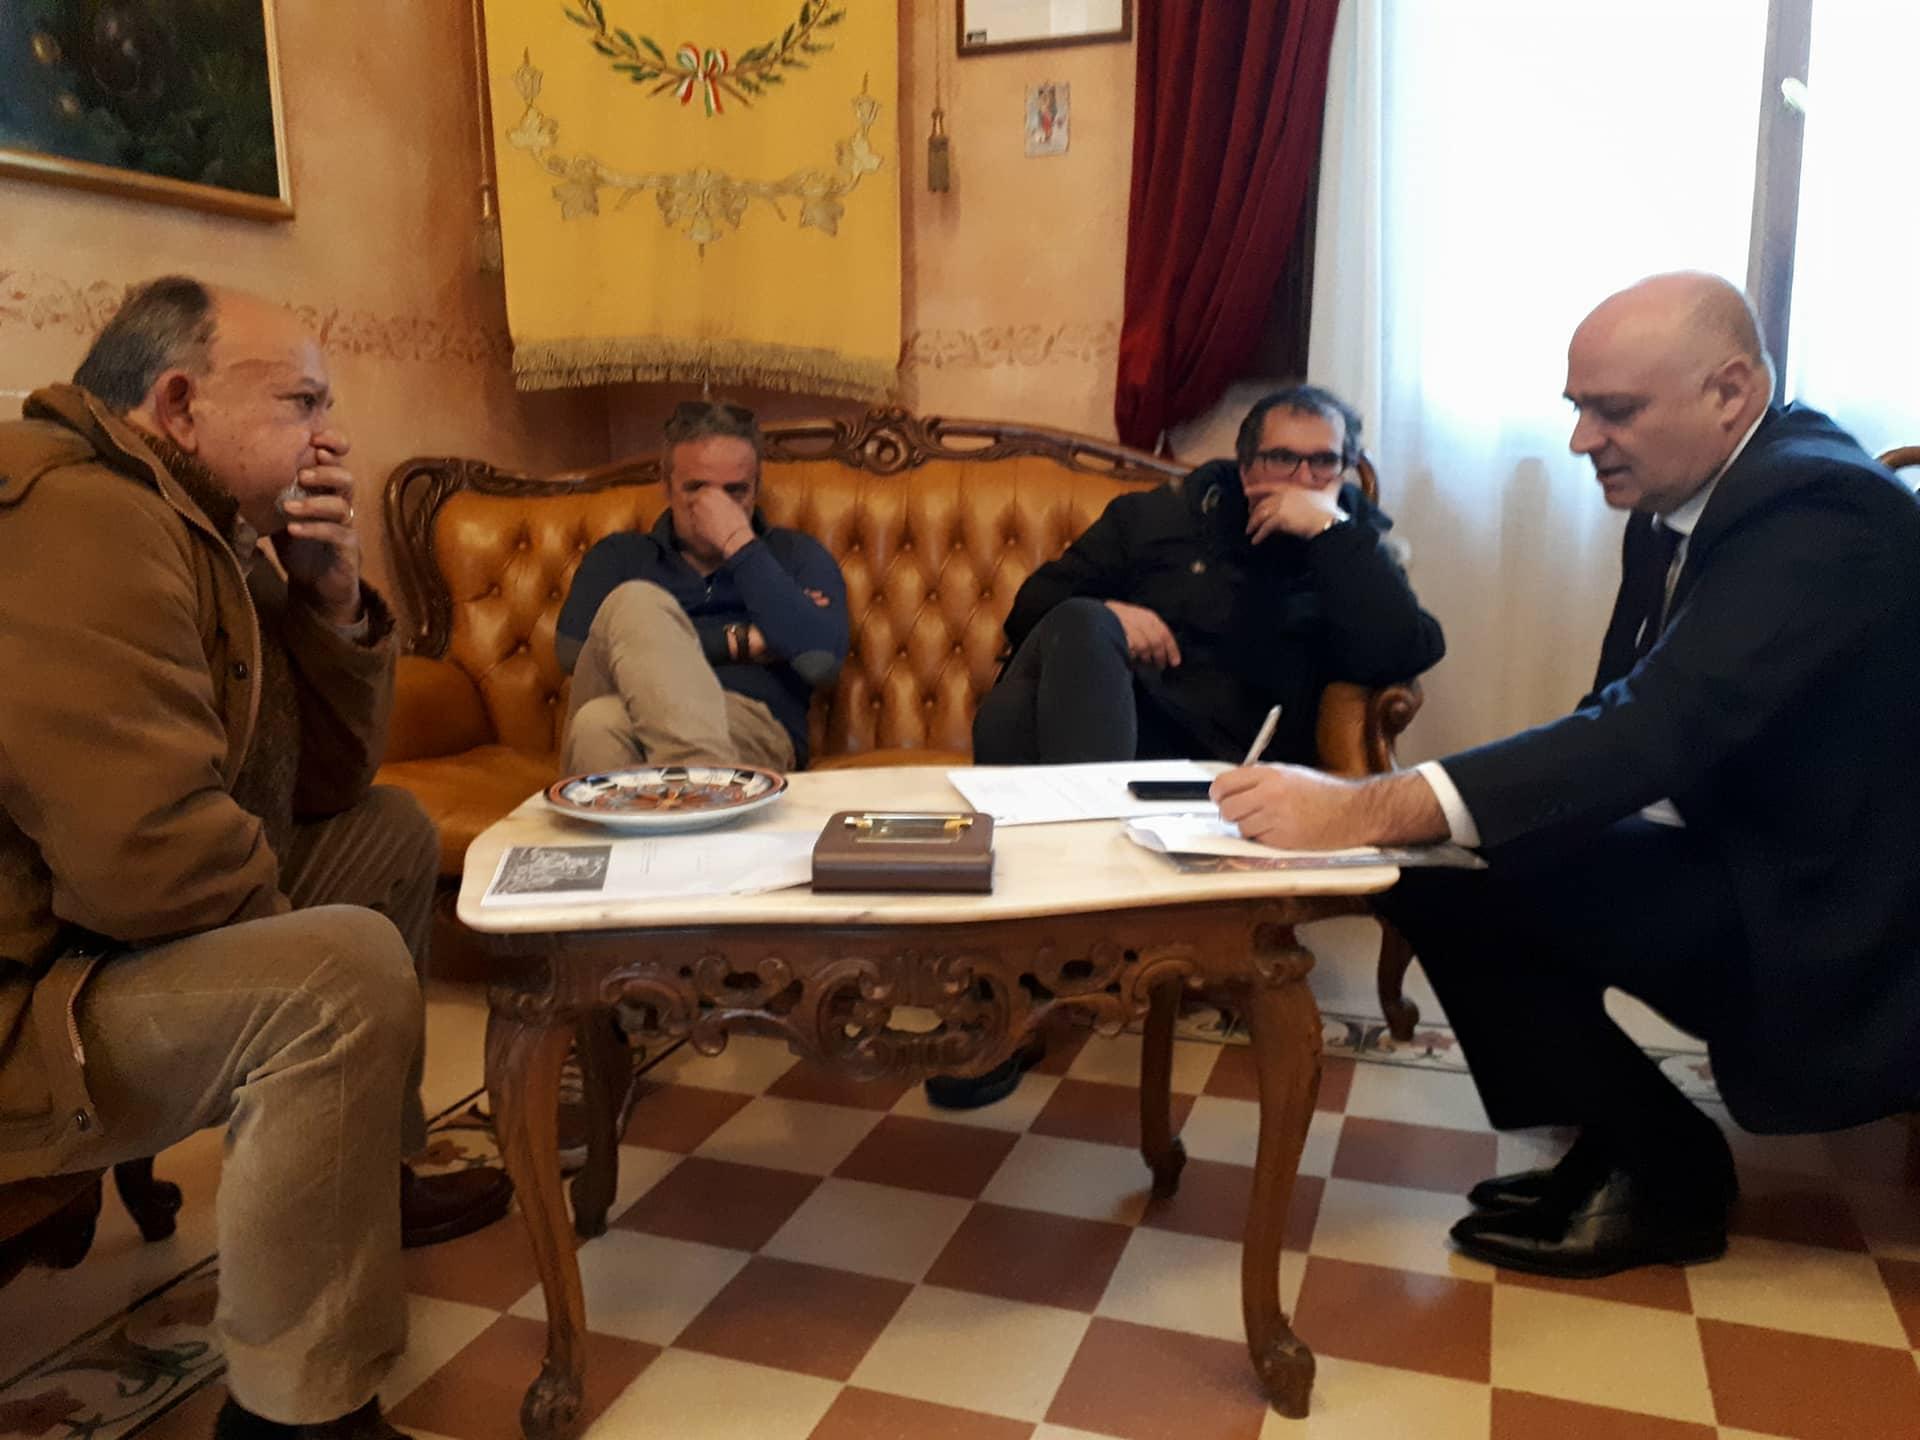 Restauro della statua di Vito Taccone, il sindaco De Angelis trova l'accordo con l'artista Morelli